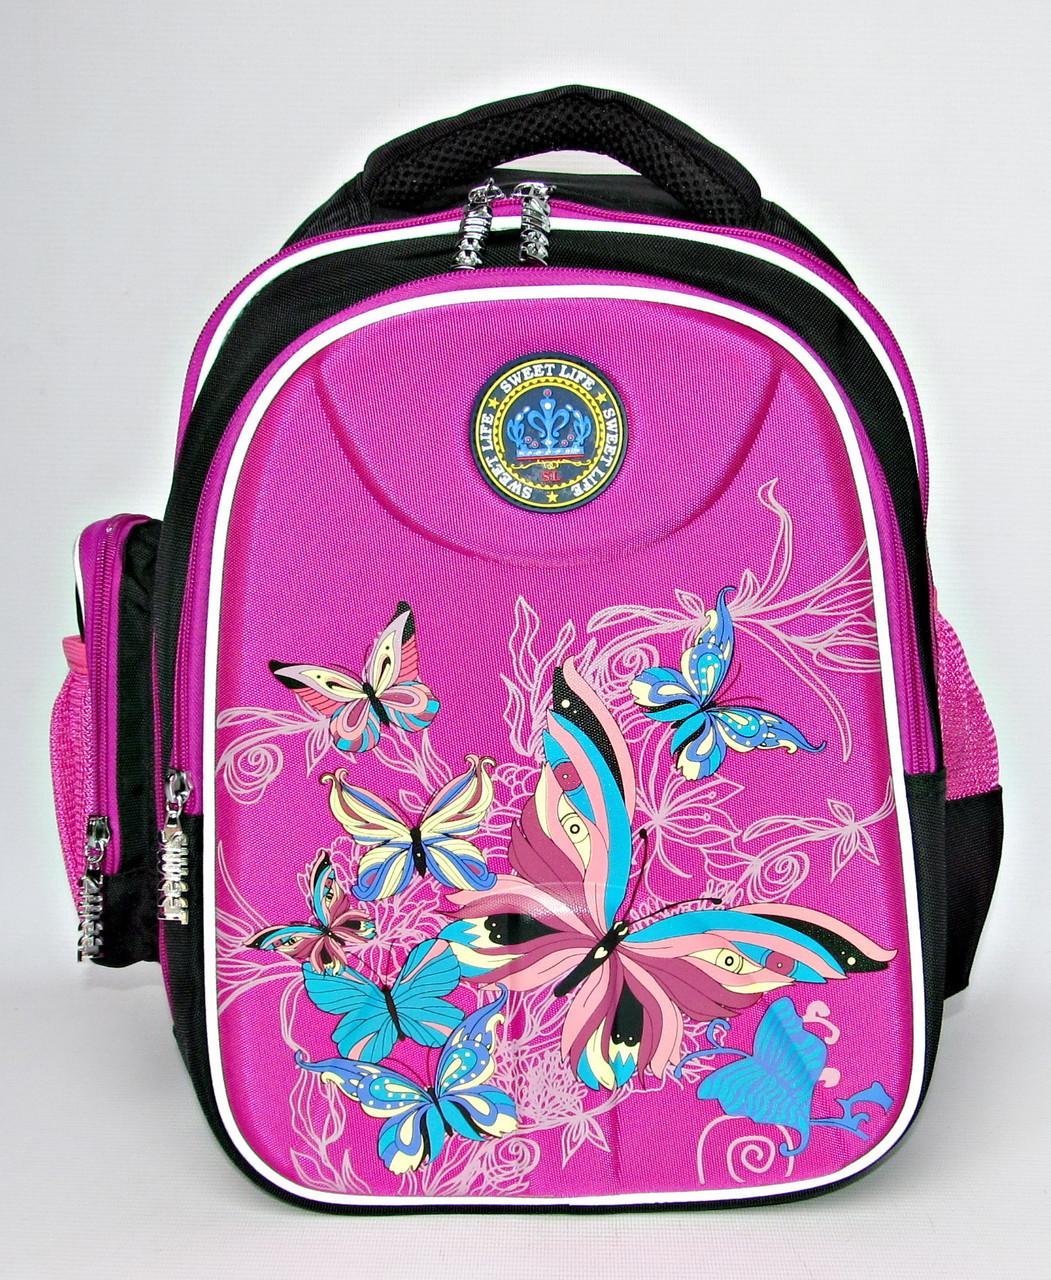 """47a025ad3fcc Детский школьный рюкзак """"Sweetlife 5081-15"""" - Интернет магазин рюкзаков и сумок  STREET"""